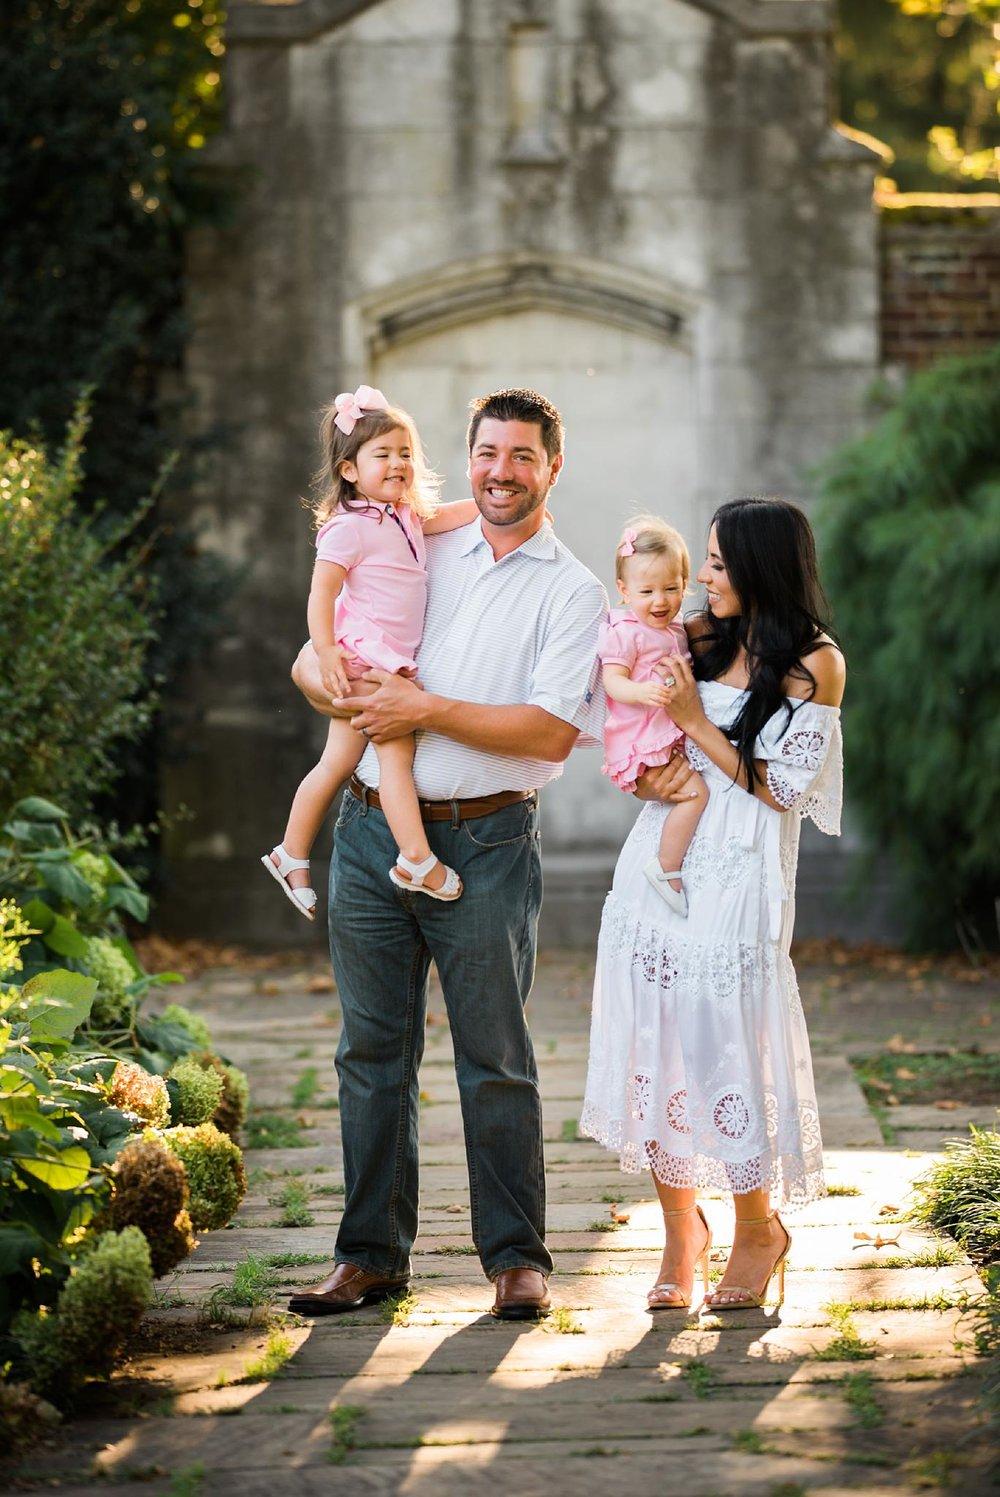 Mellon Park Garden Family Photography Pittsburgh Rachel Rossetti_0097.jpg